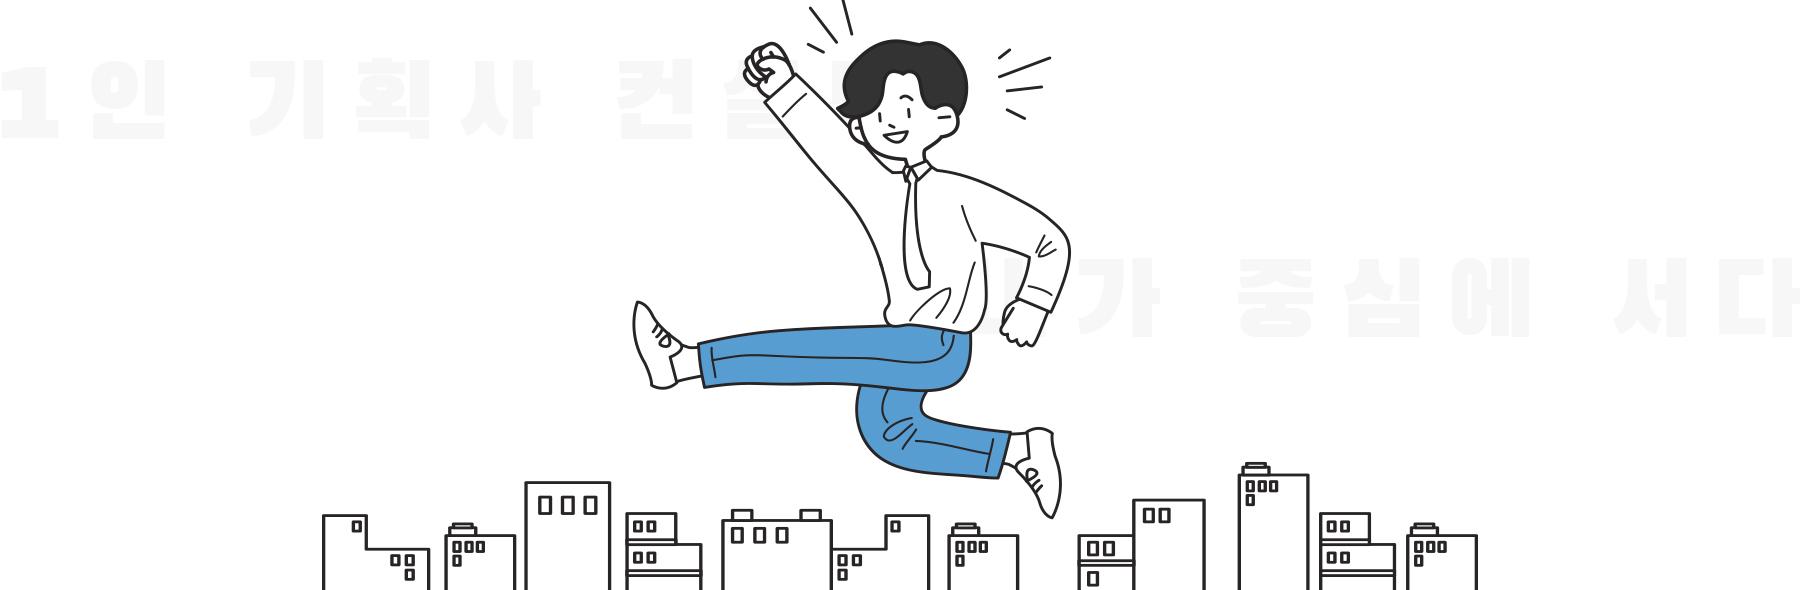 라인뮤직Ent배경.pc